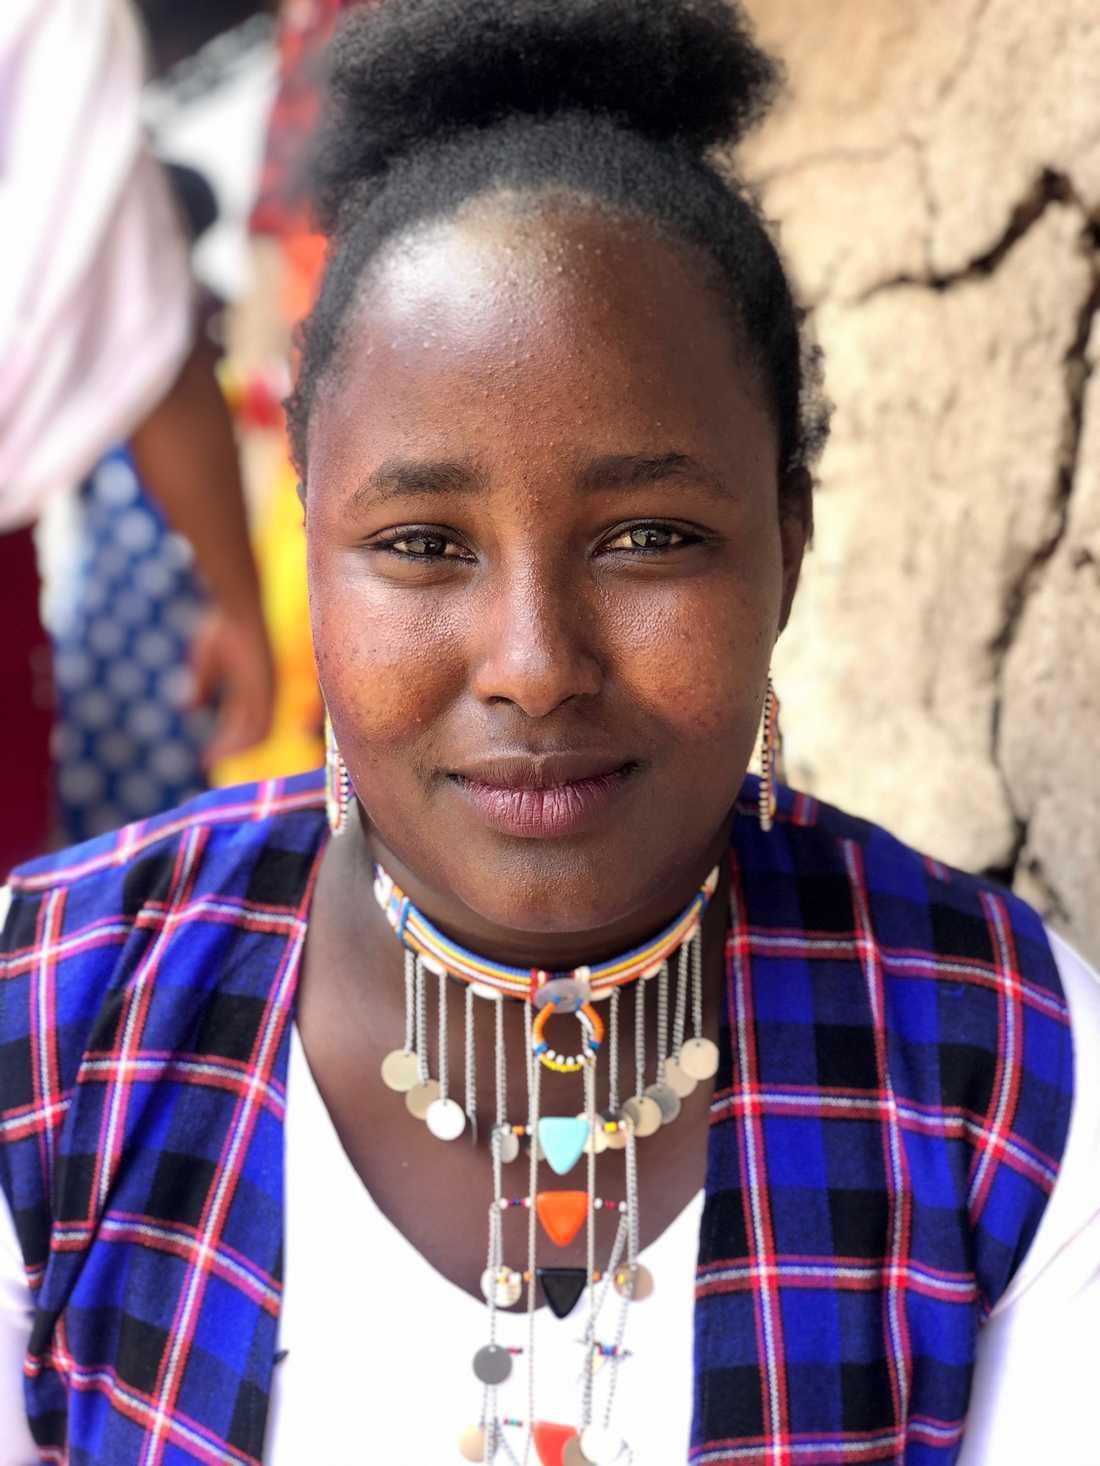 """Faith Nkeeyian Saitoti var elva år när hon bless könsstympad av sin mormor. """"Jag anklagar henne inte, för hon visste inte att det var fel."""""""